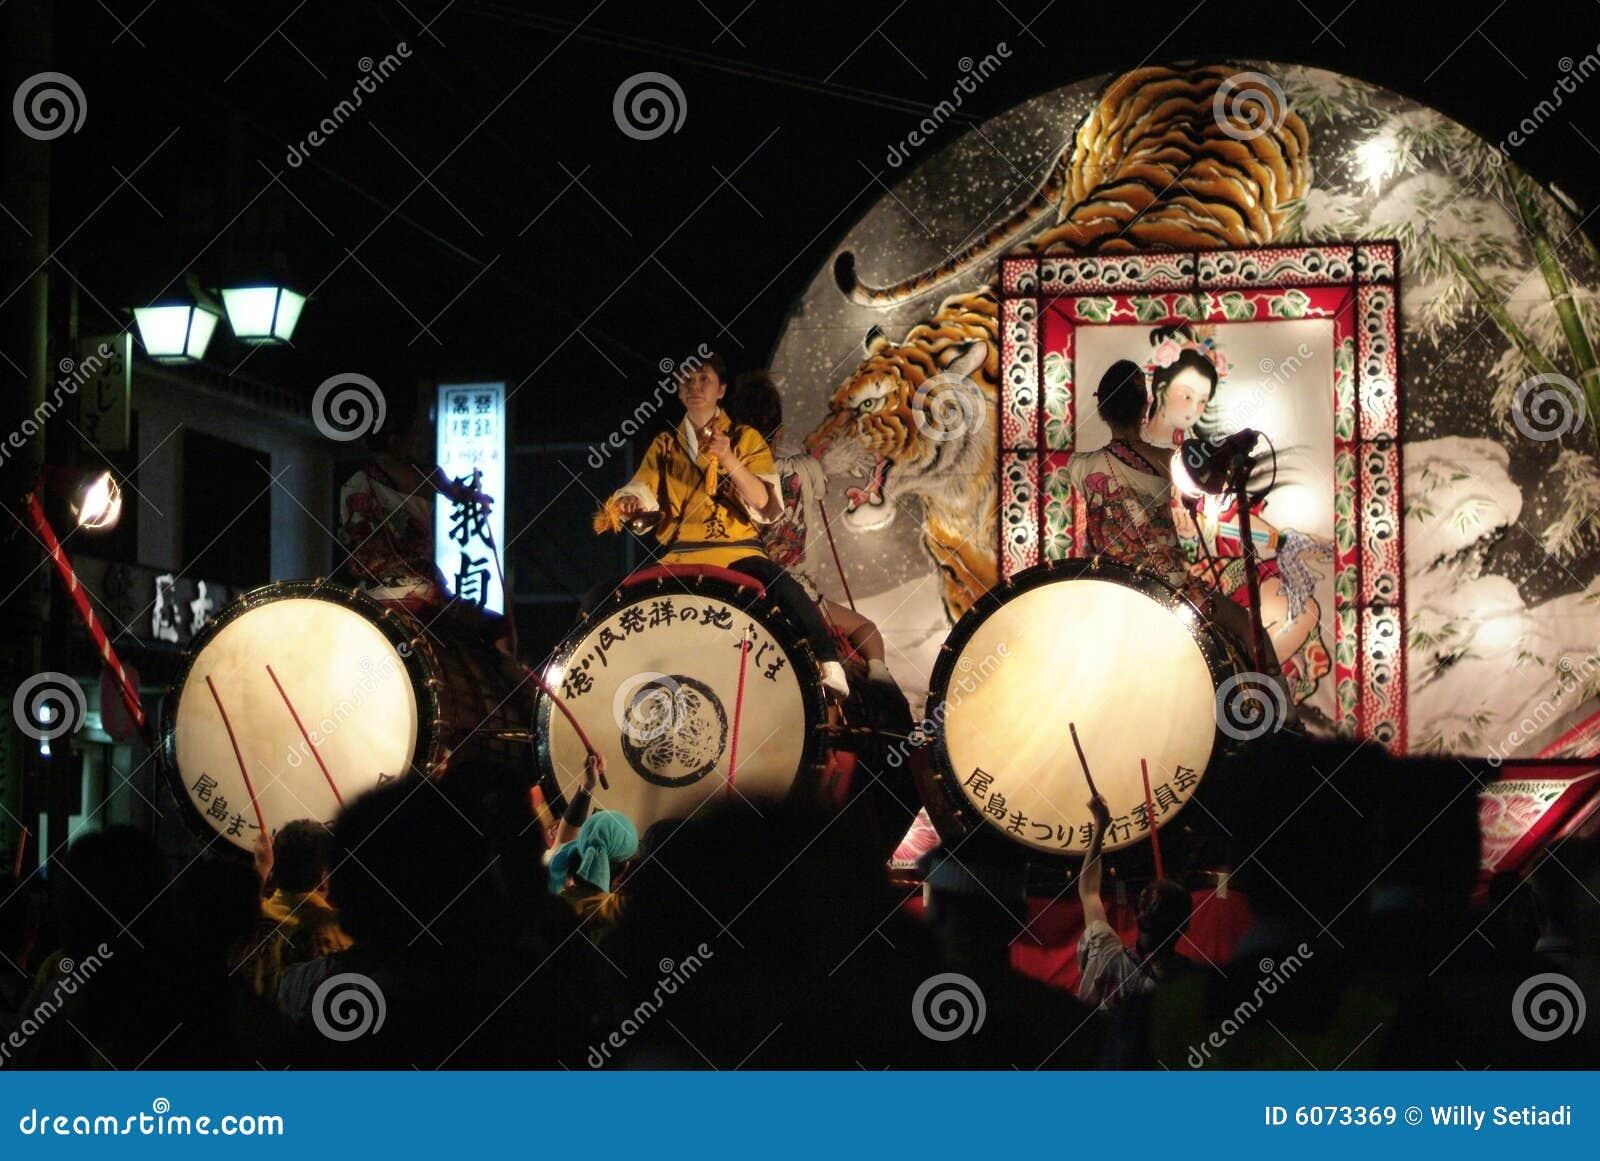 Ojima nebuta matsuri φεστιβάλ